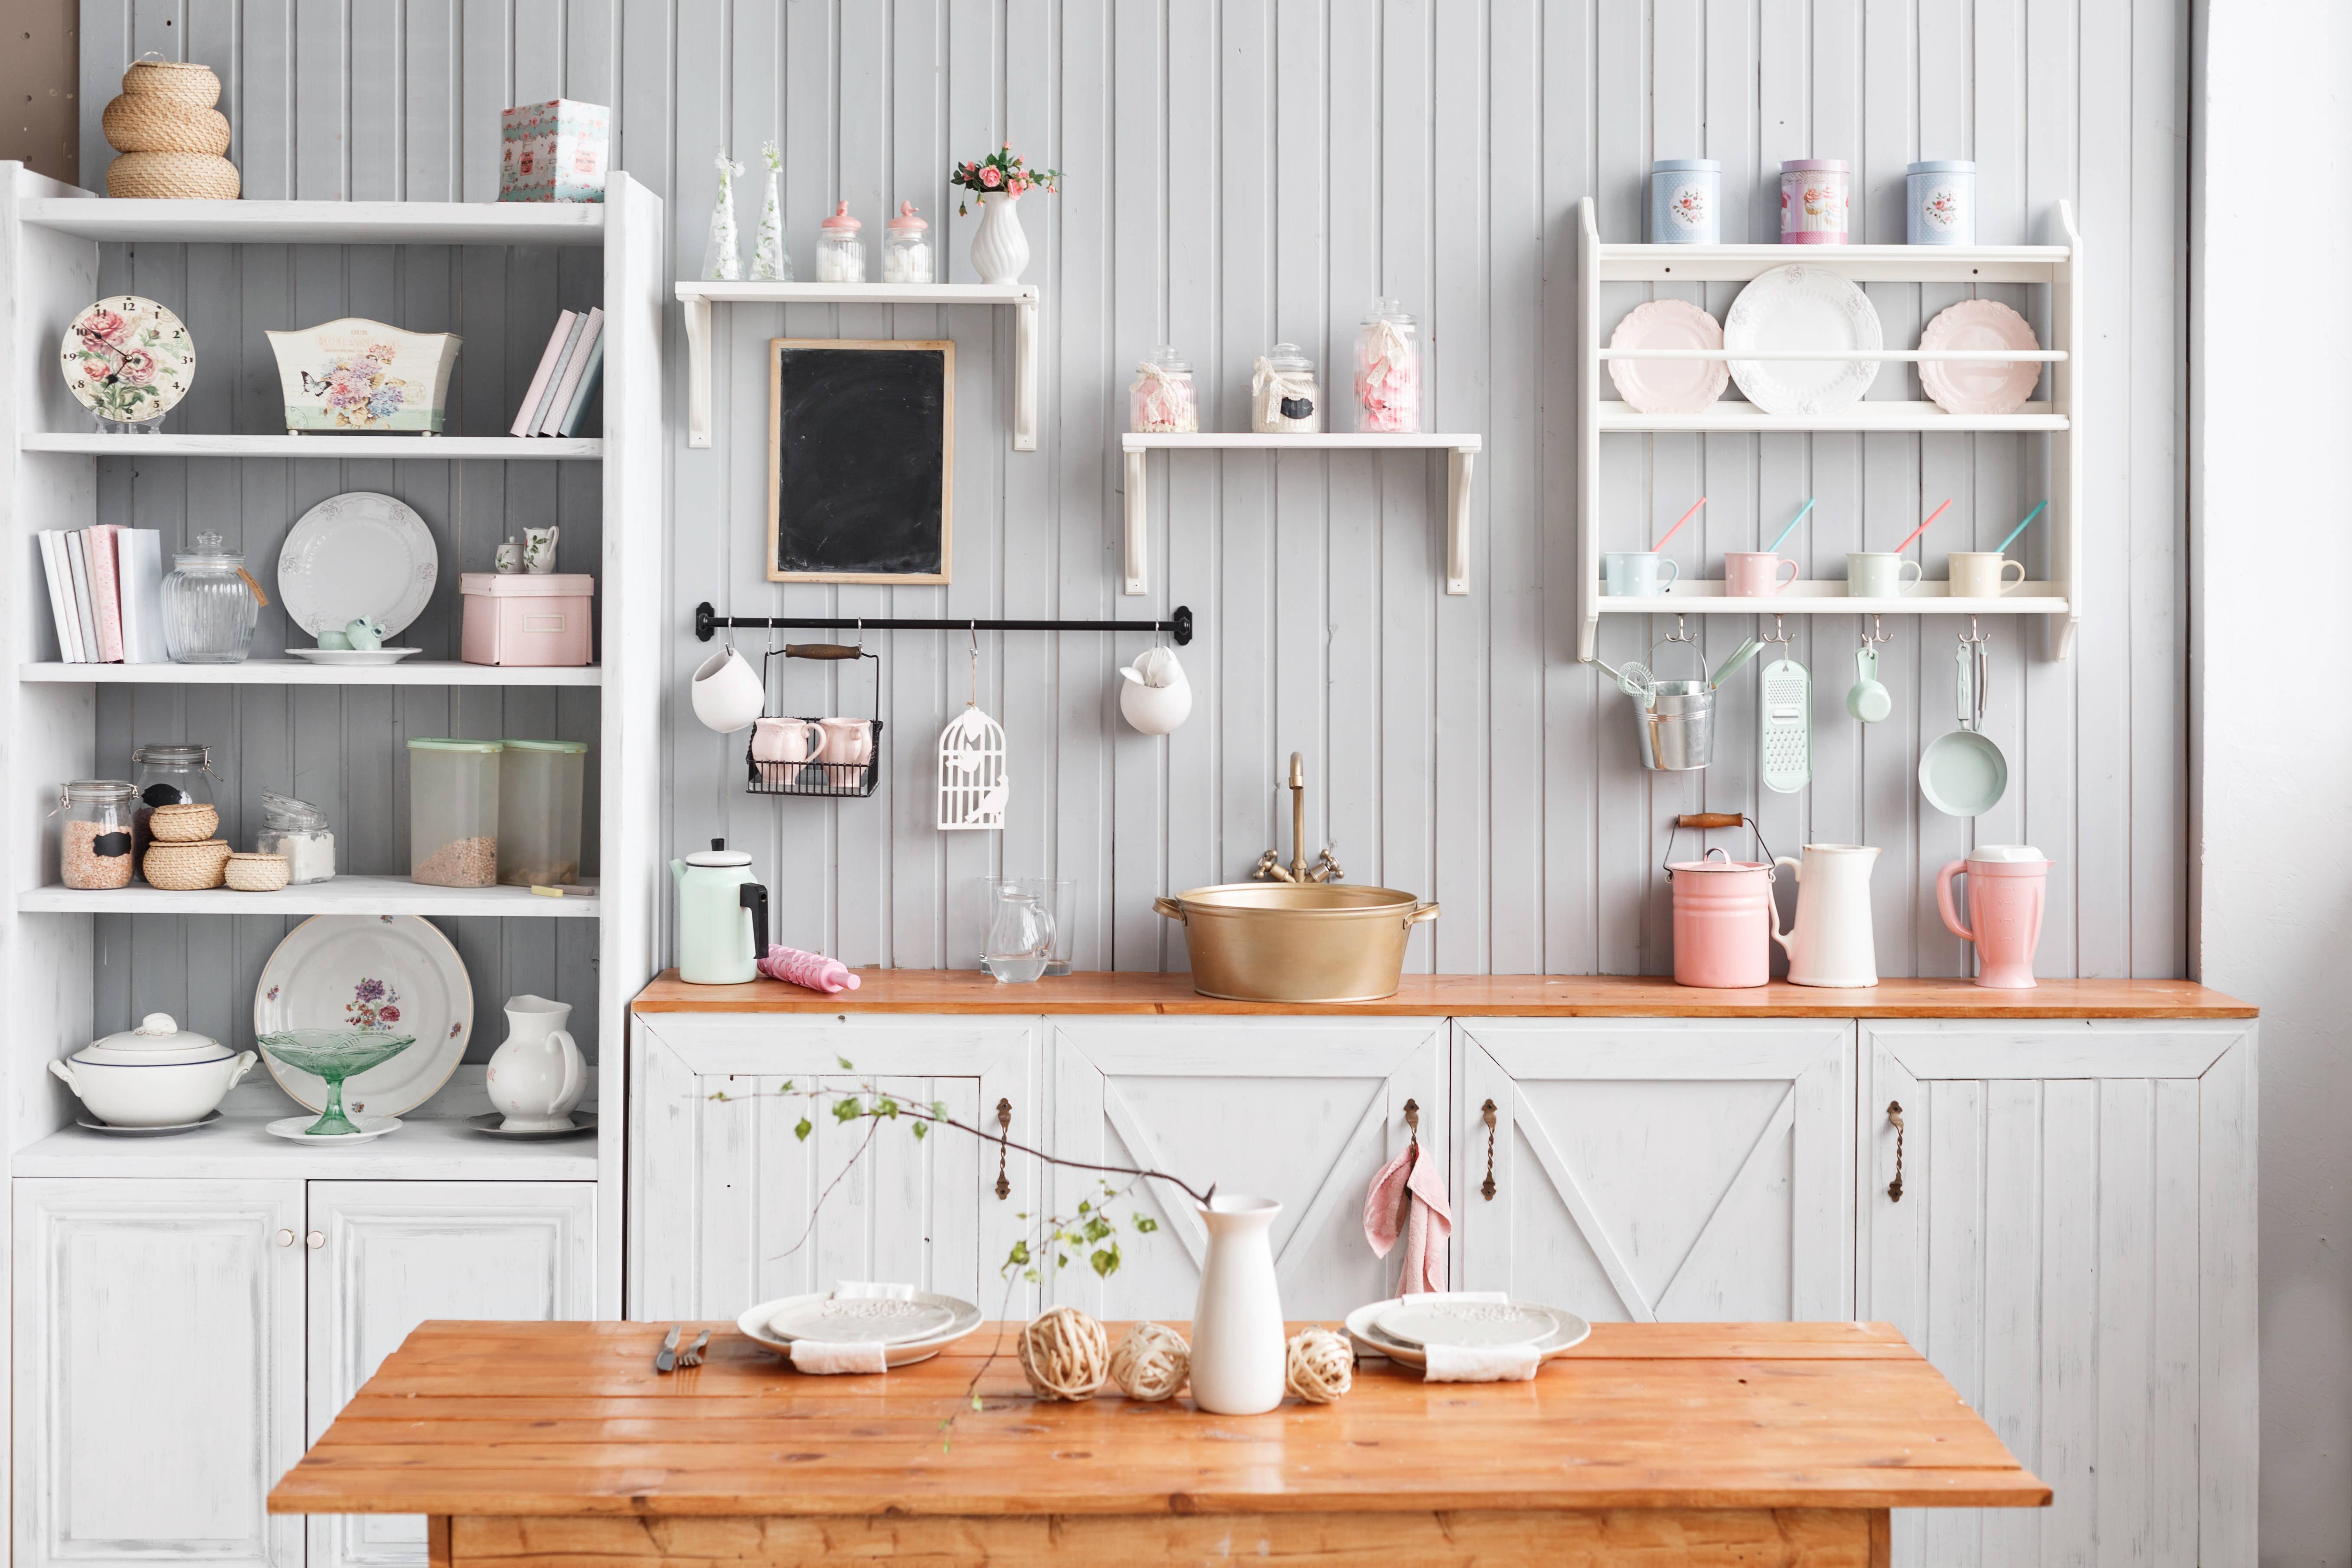 Market Style para tu cocina. Lo último en decoración de interiores